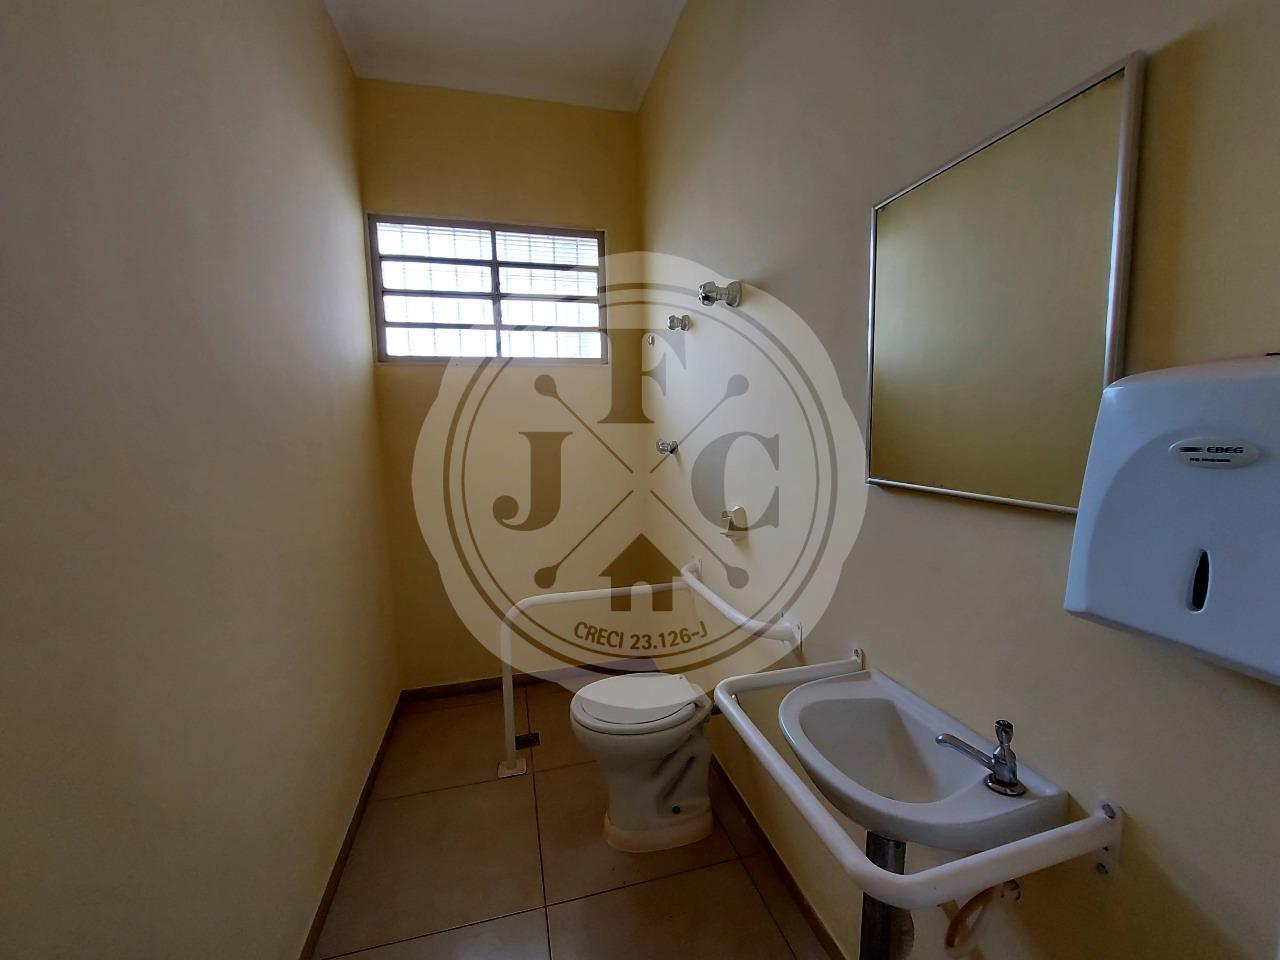 Casa para aluguel no Alto da Boa Vista: Banheiro PcD